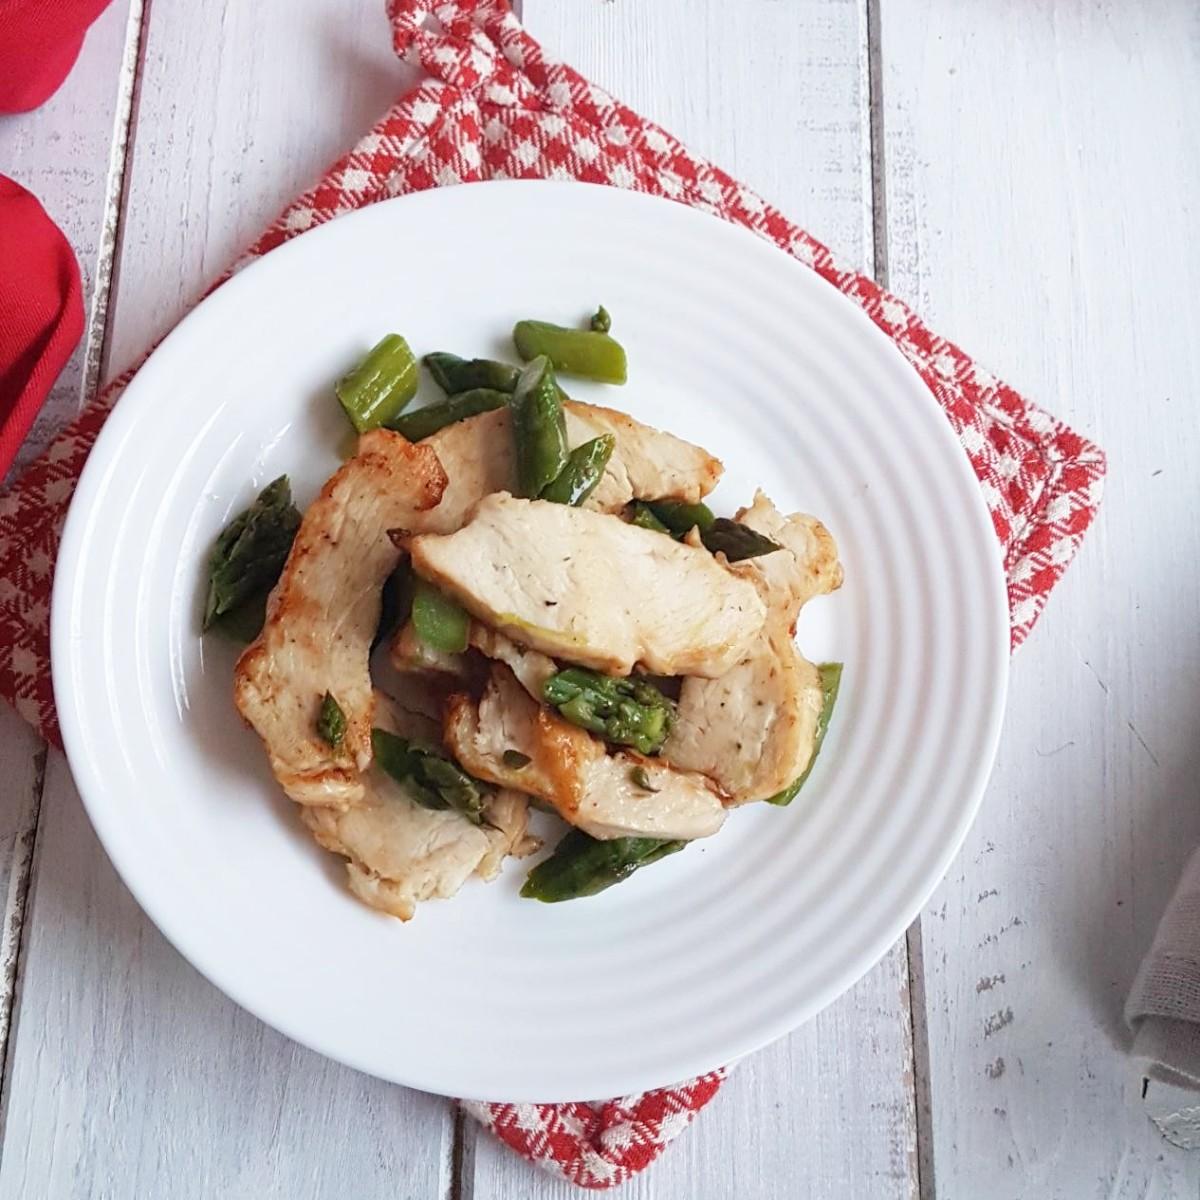 TAGLIATA DI POLLO AGLI ASPARAGI ricetta petto di pollo con asparagi